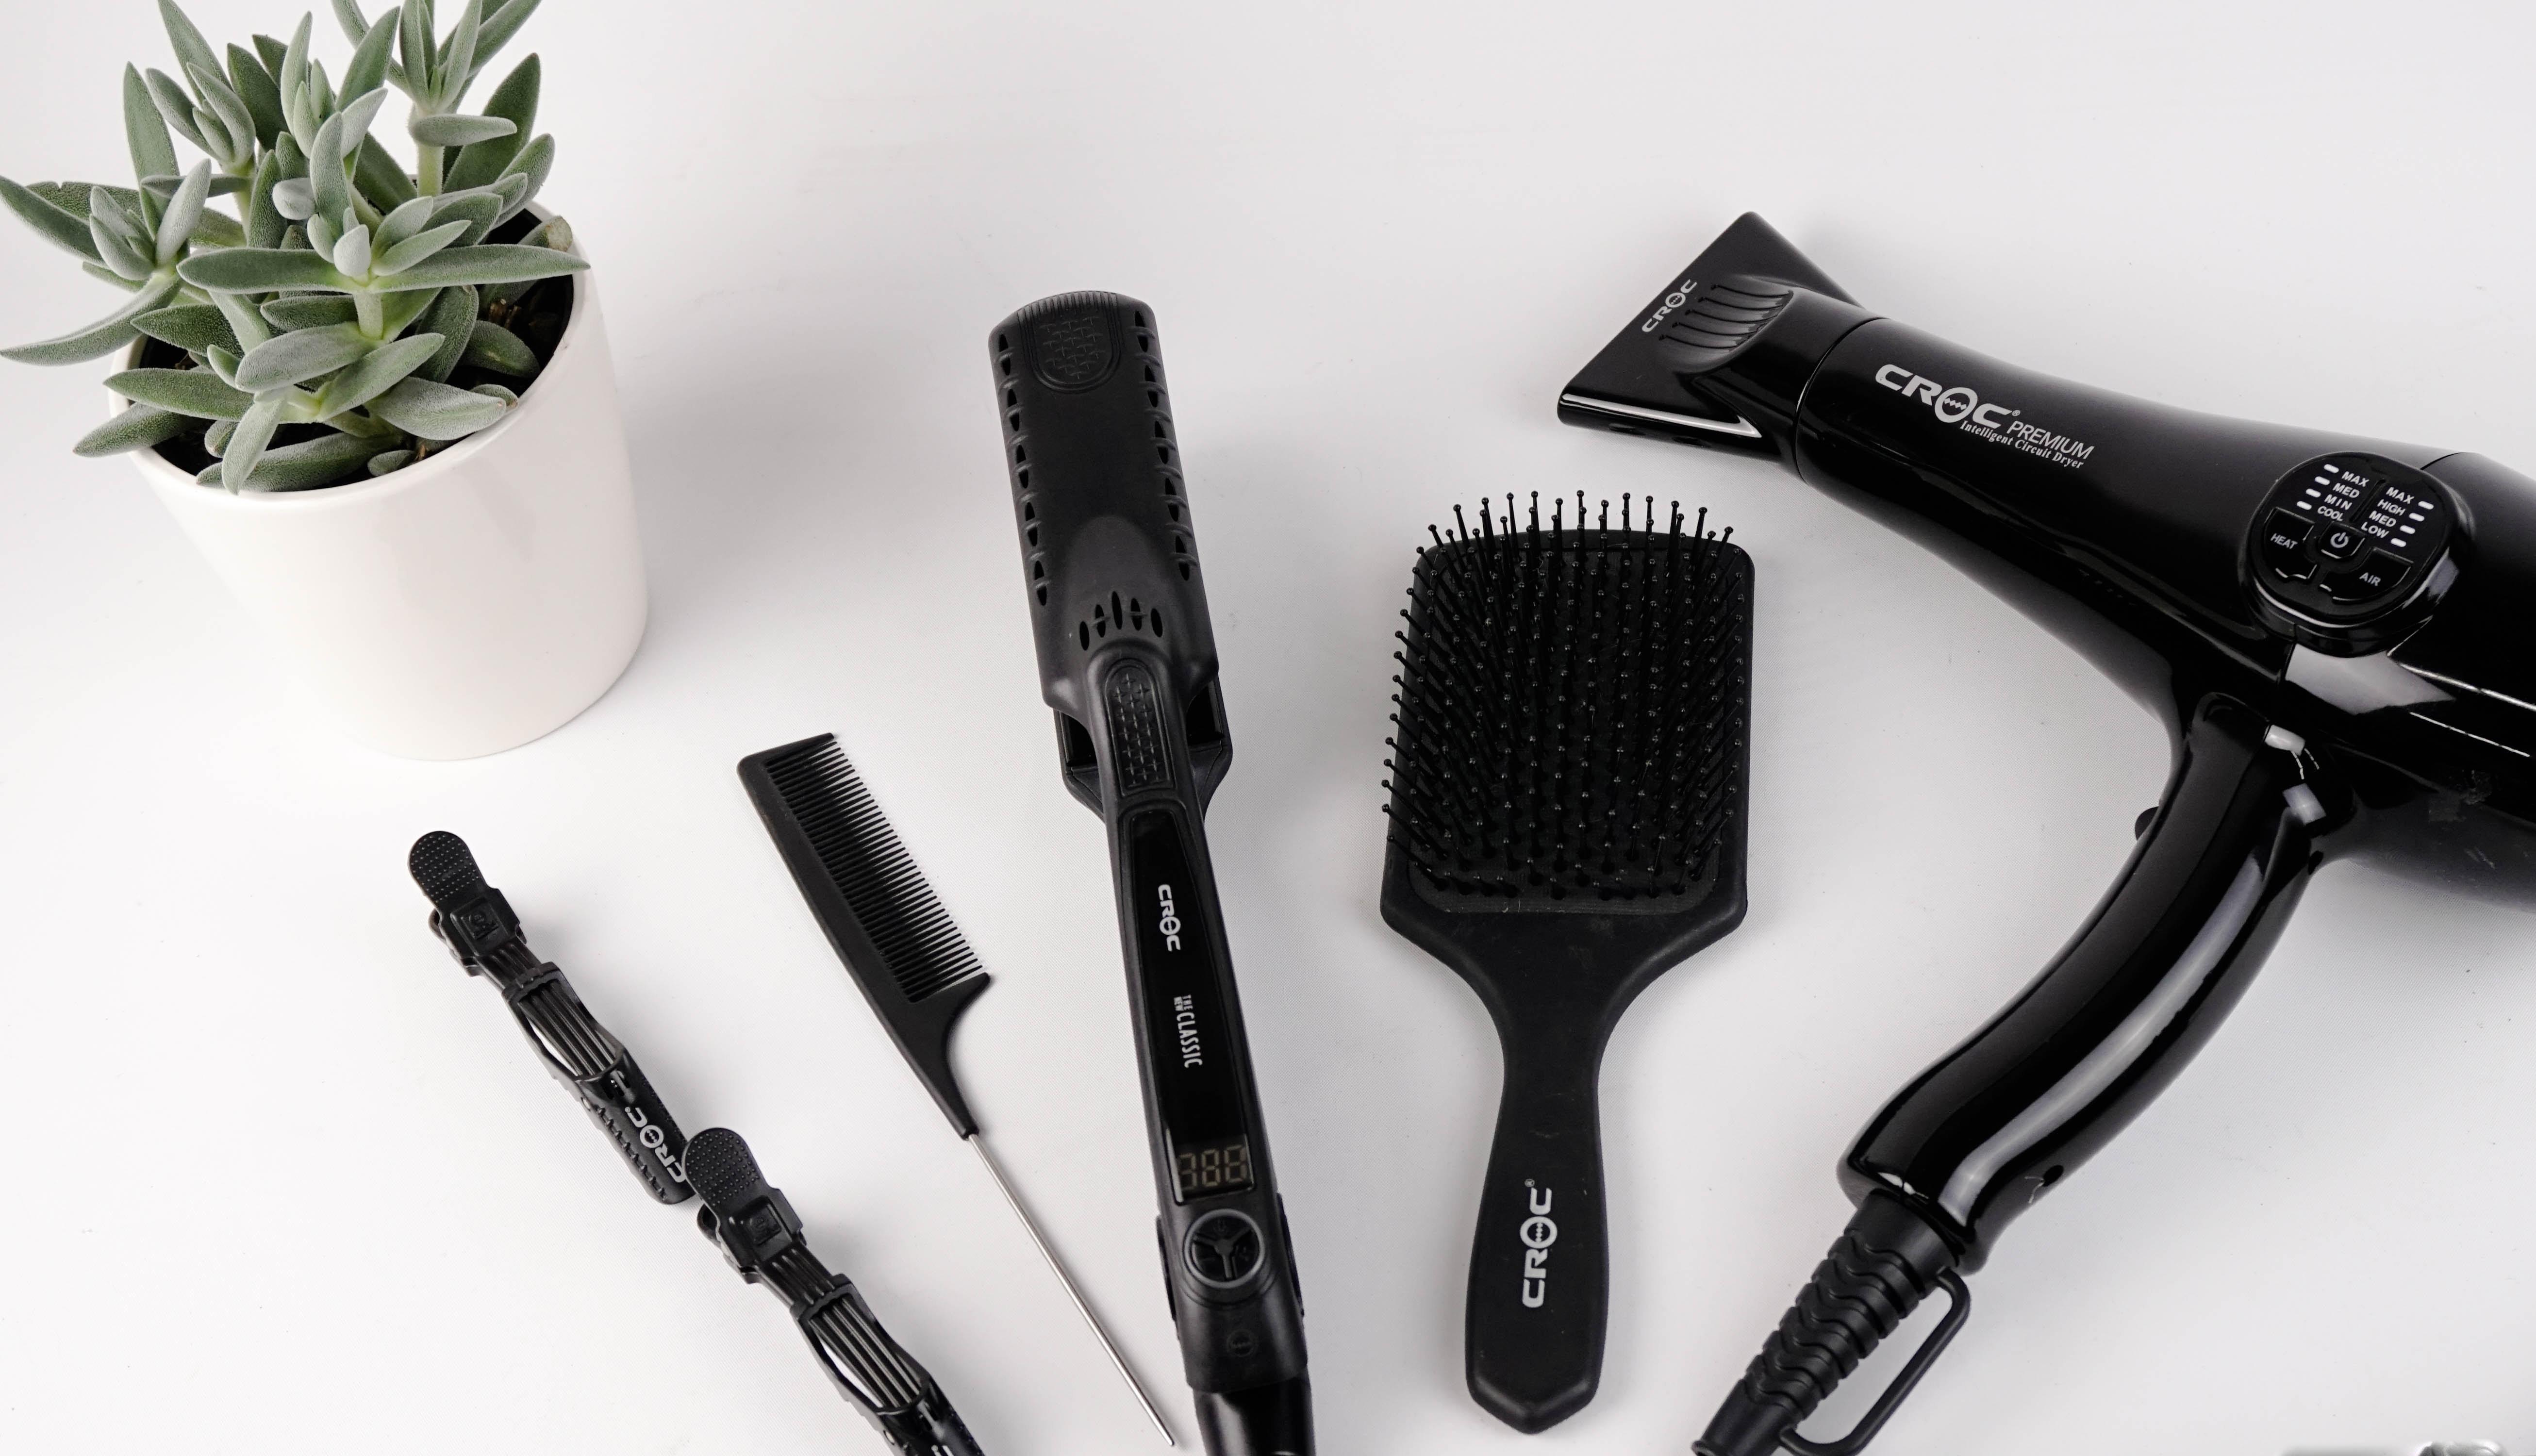 crescimento capilar saudável - 7 dicas essenciais para fazer o cabelo crescer mais rápido de forma segura. A foto possui itens usados para modelar os cabelos como secador, chapinha, escova, pente e babyliss. O texto recomenda a redução de danos externos.